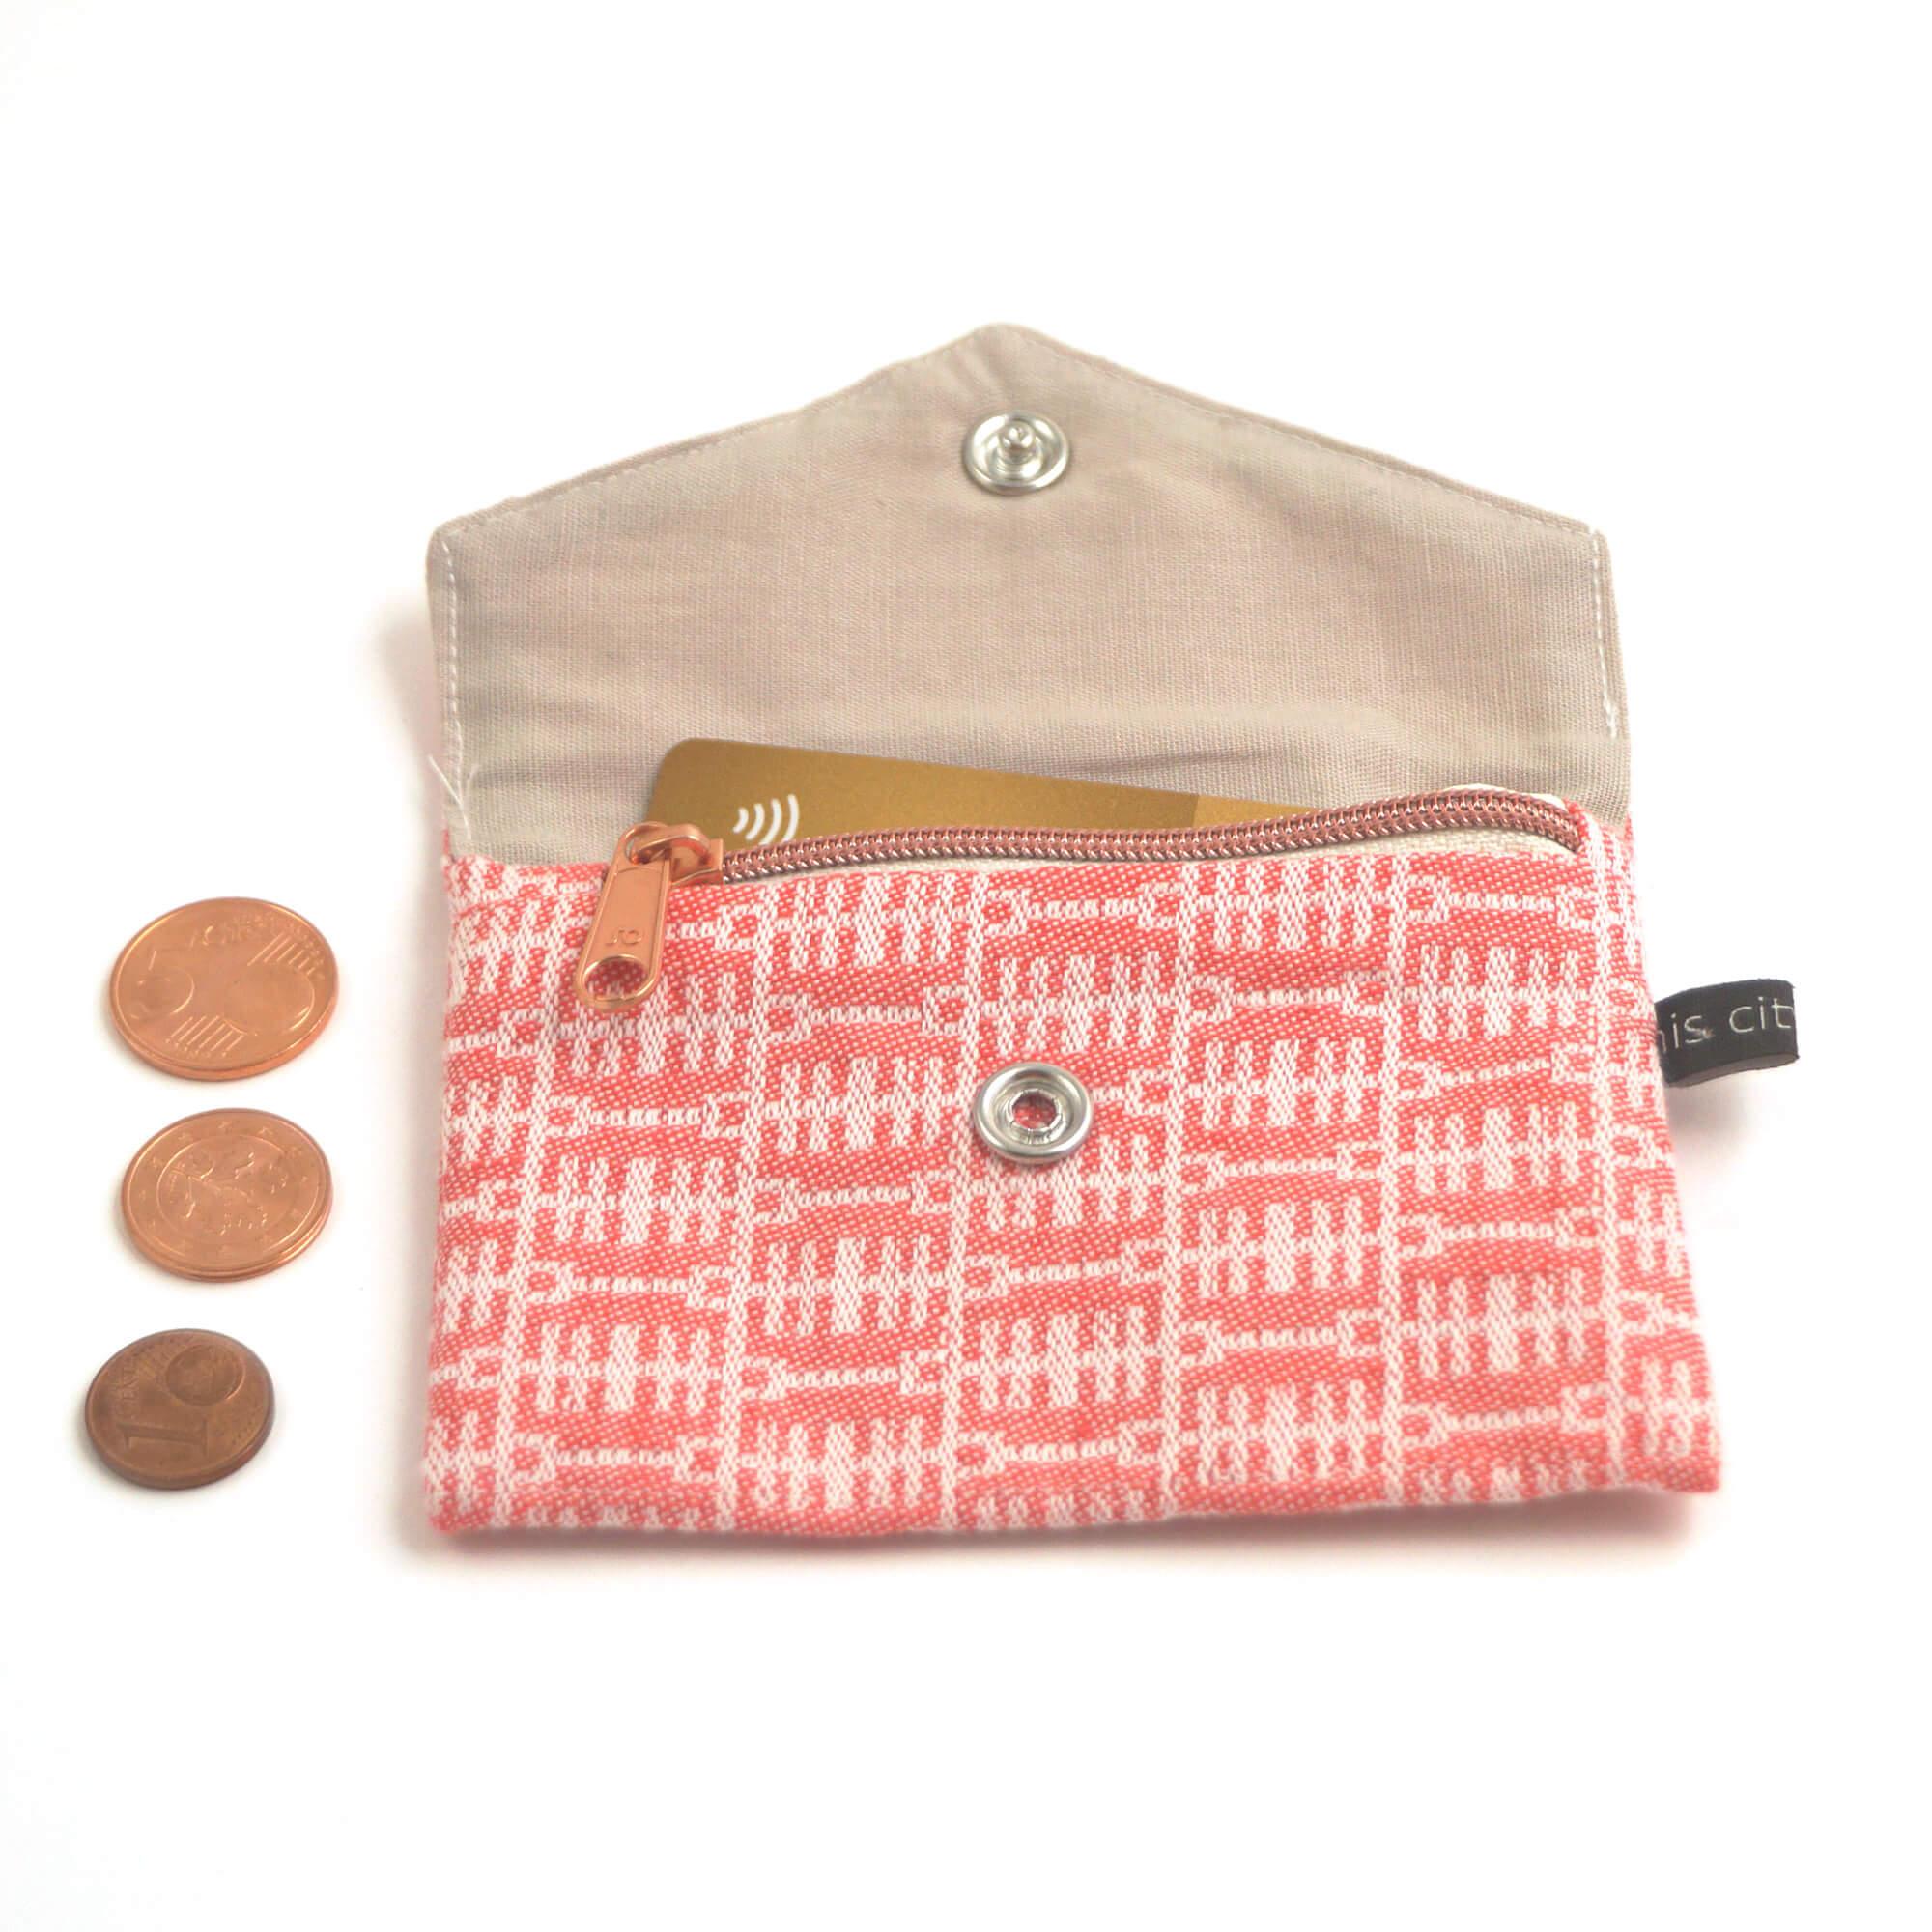 Kleine Geldbörse mit Reißverschluss Tasche BT rot